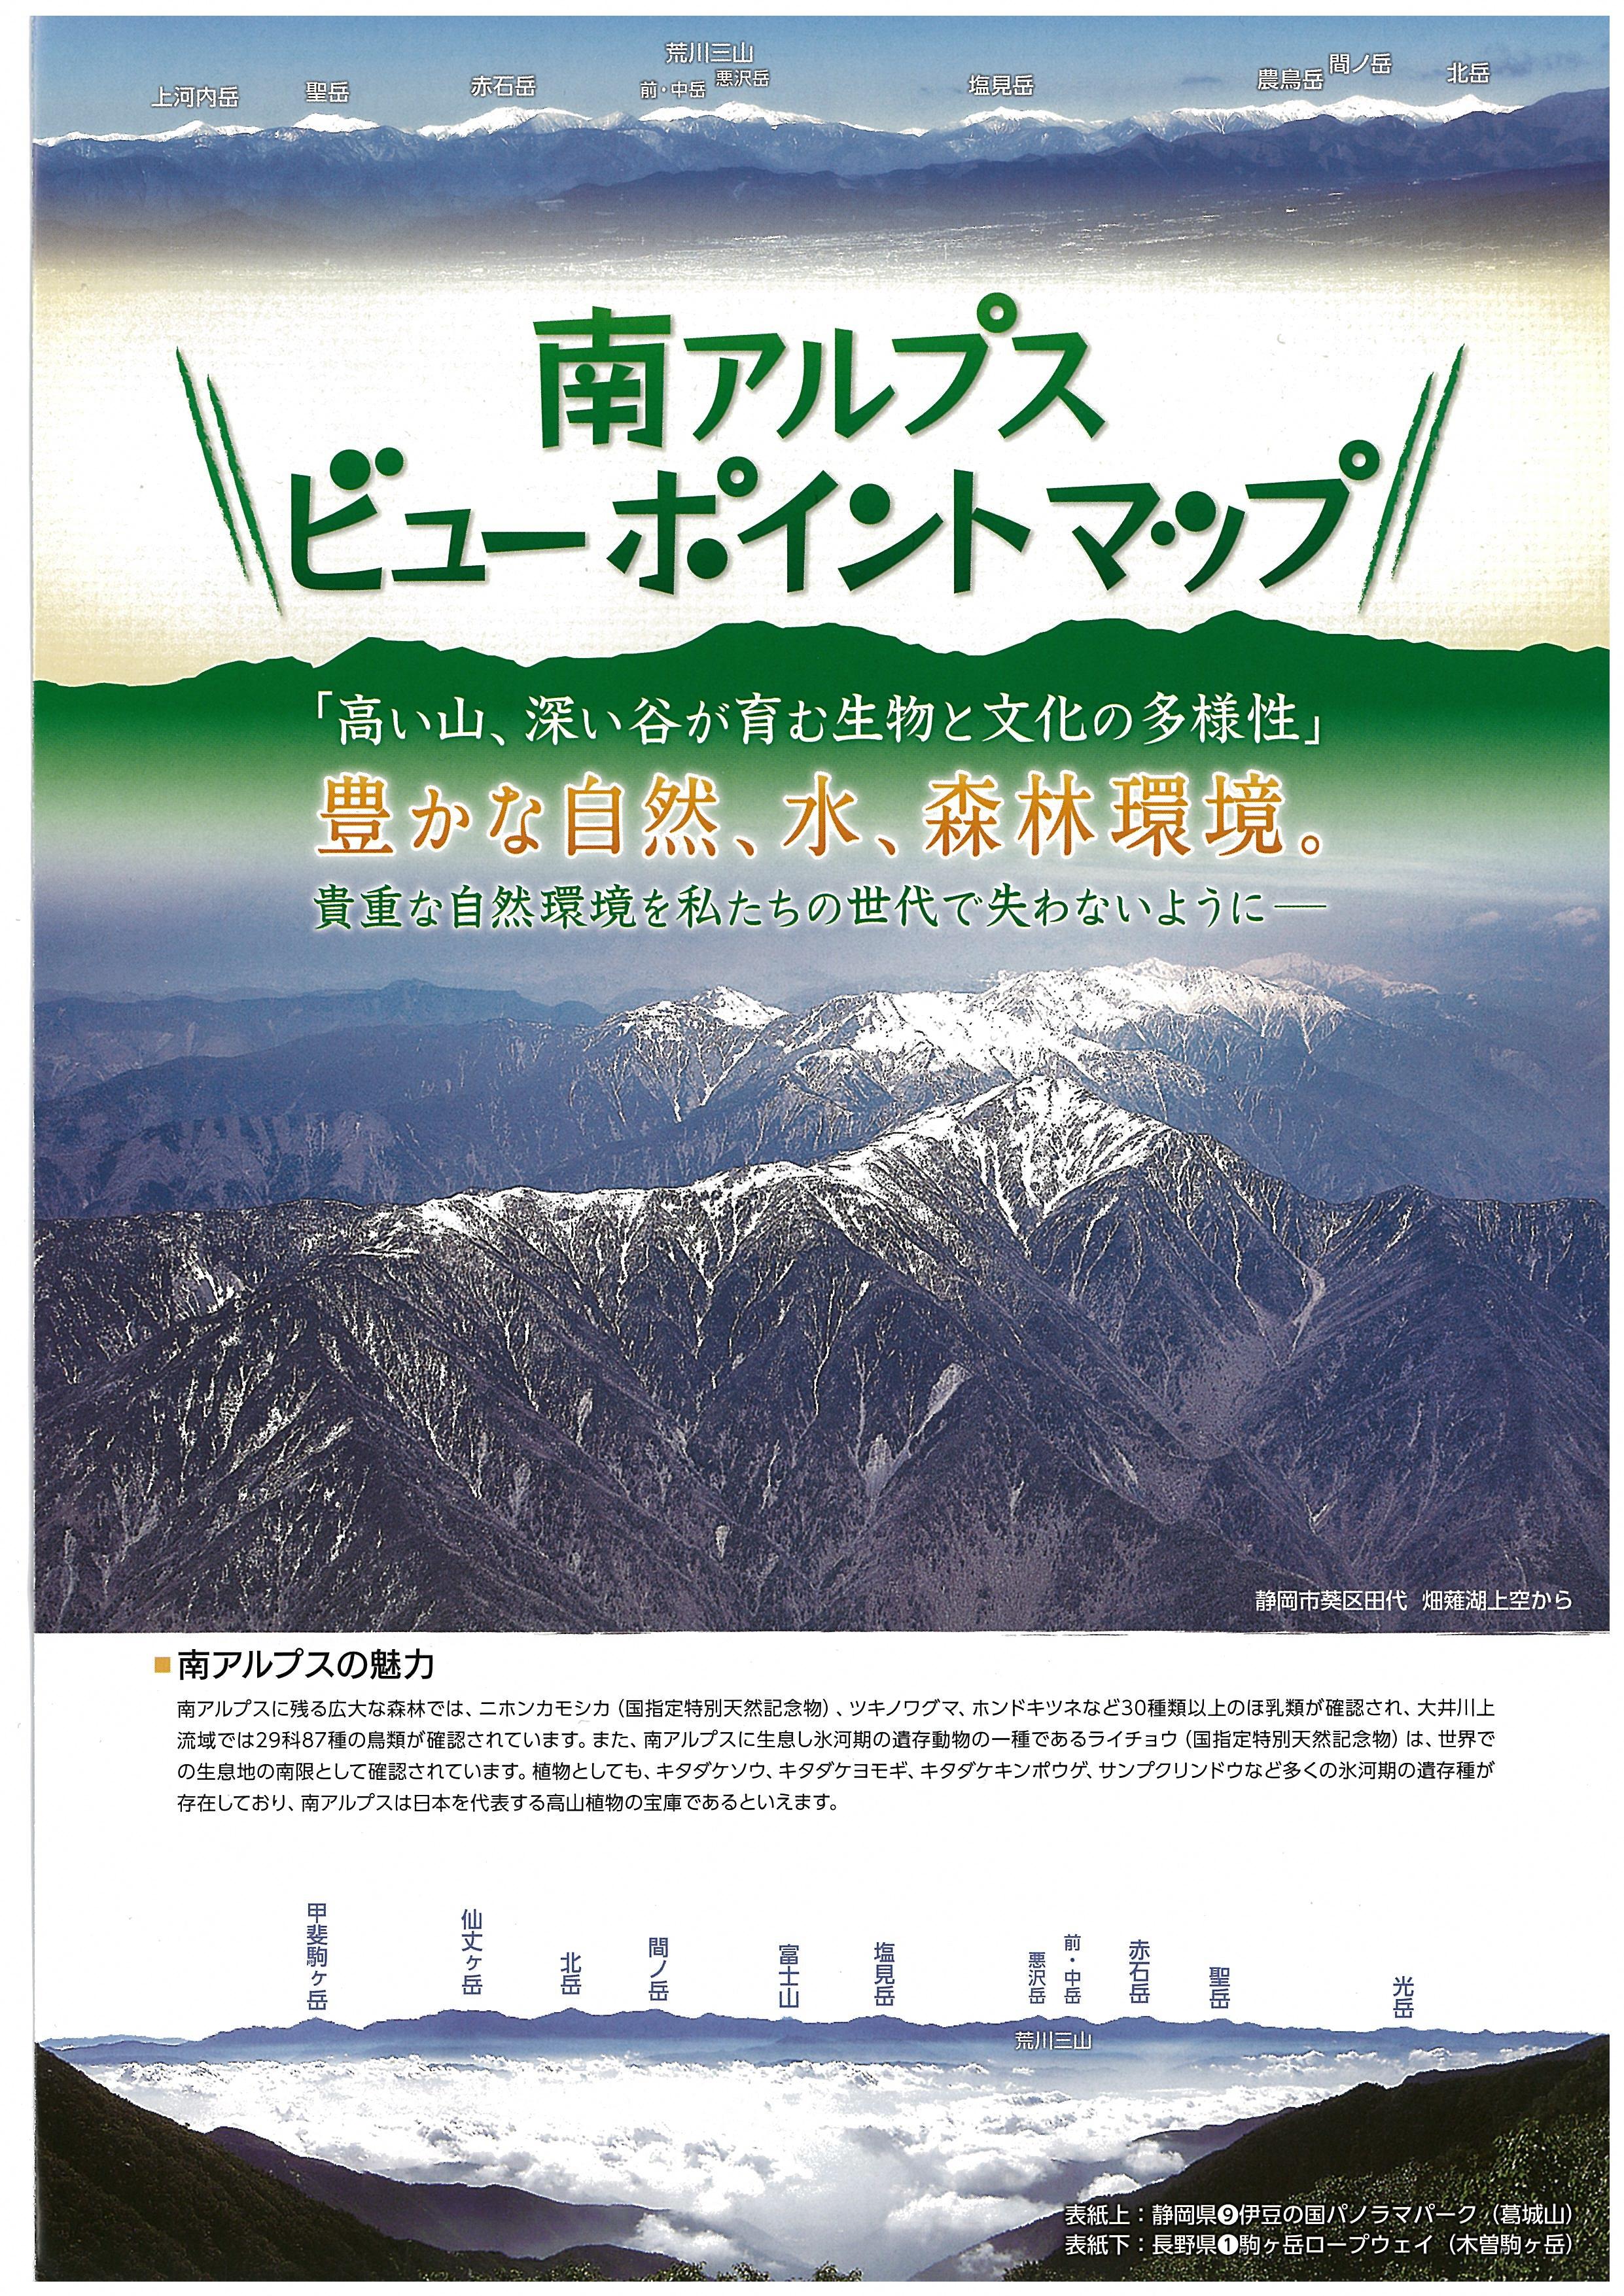 http://www.shizutan.jp/learning/2018/01/24/images/%E3%83%93%E3%83%A5%E3%83%BC%E3%83%9D%E3%82%A4%E3%83%B3%E3%83%88%E2%91%A0.png